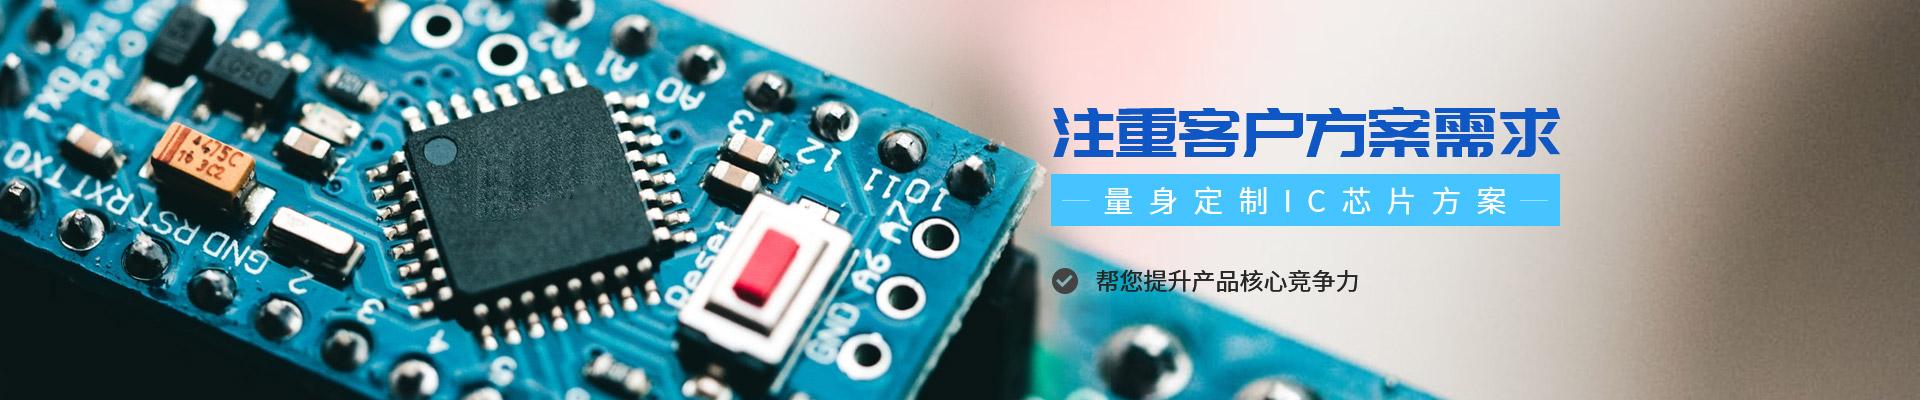 宇凡微-注重客户方案需求,量身定制IC芯片方案